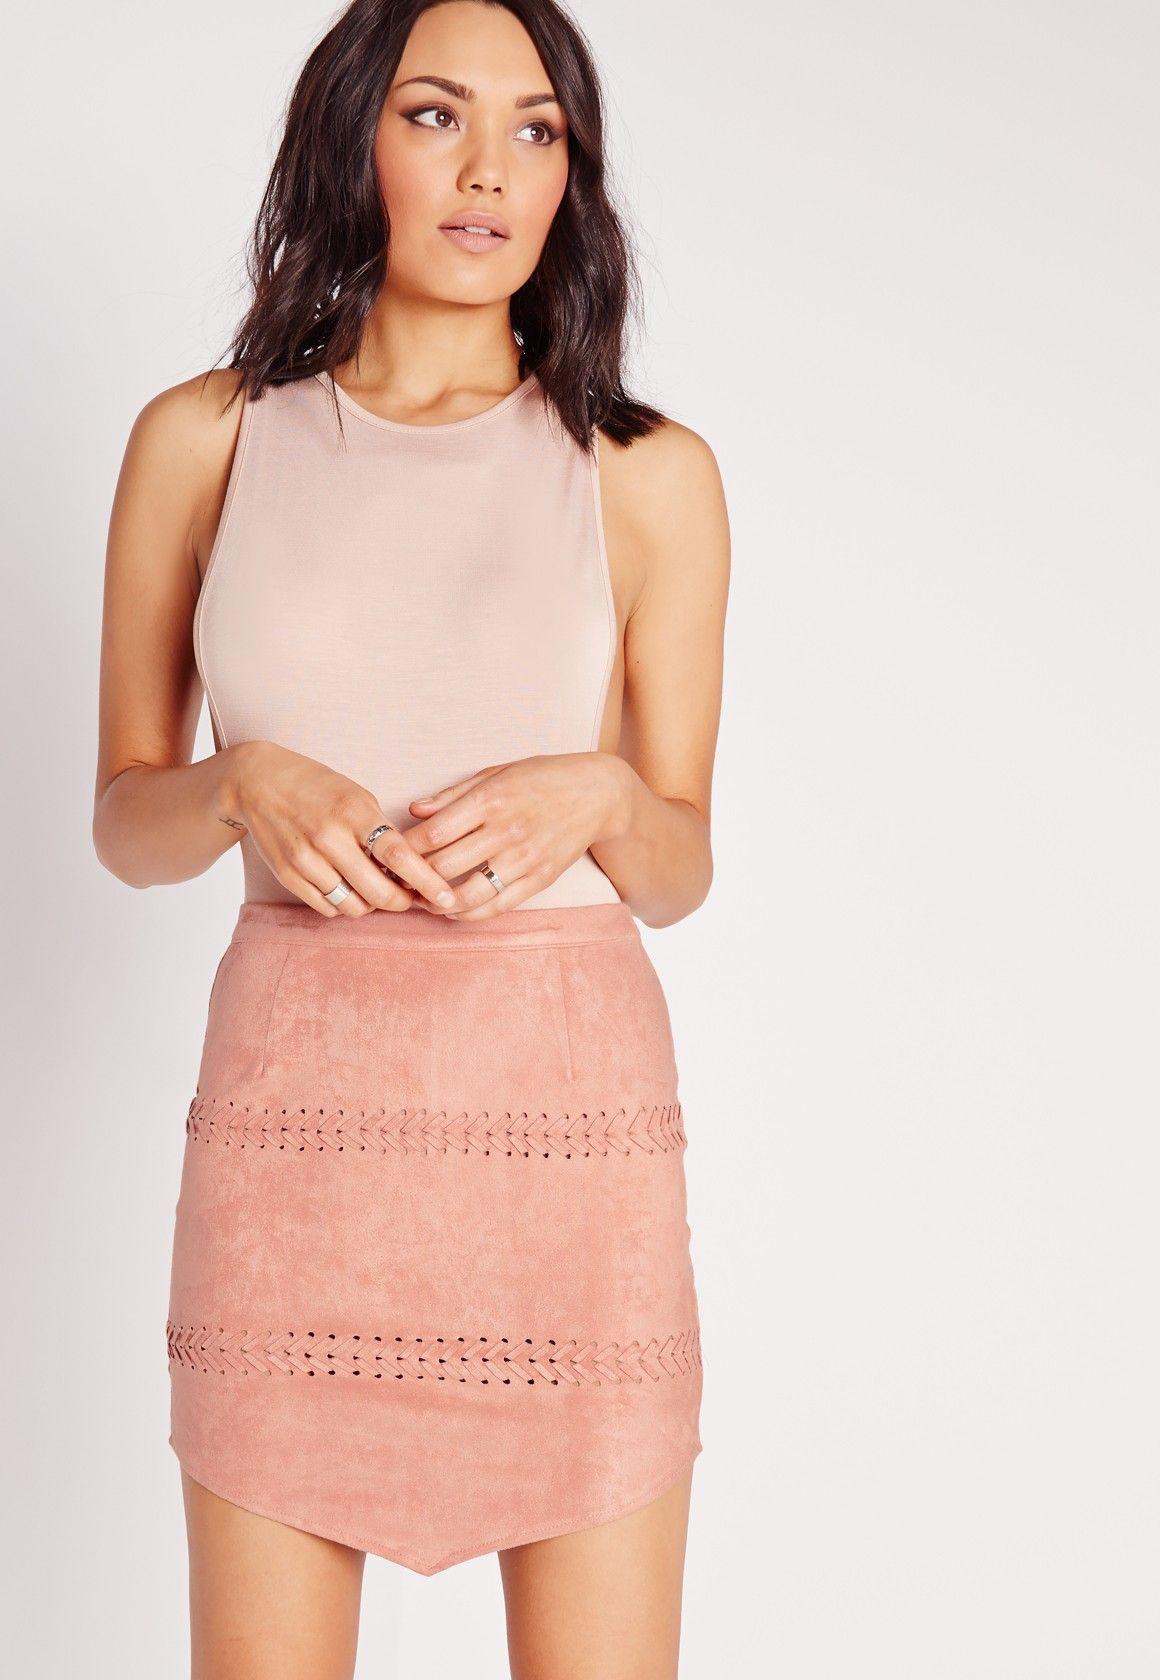 064b71d43409 Missguided - Stitch Detail Faux Suede Mini Skirt Mauve | Let's not ...